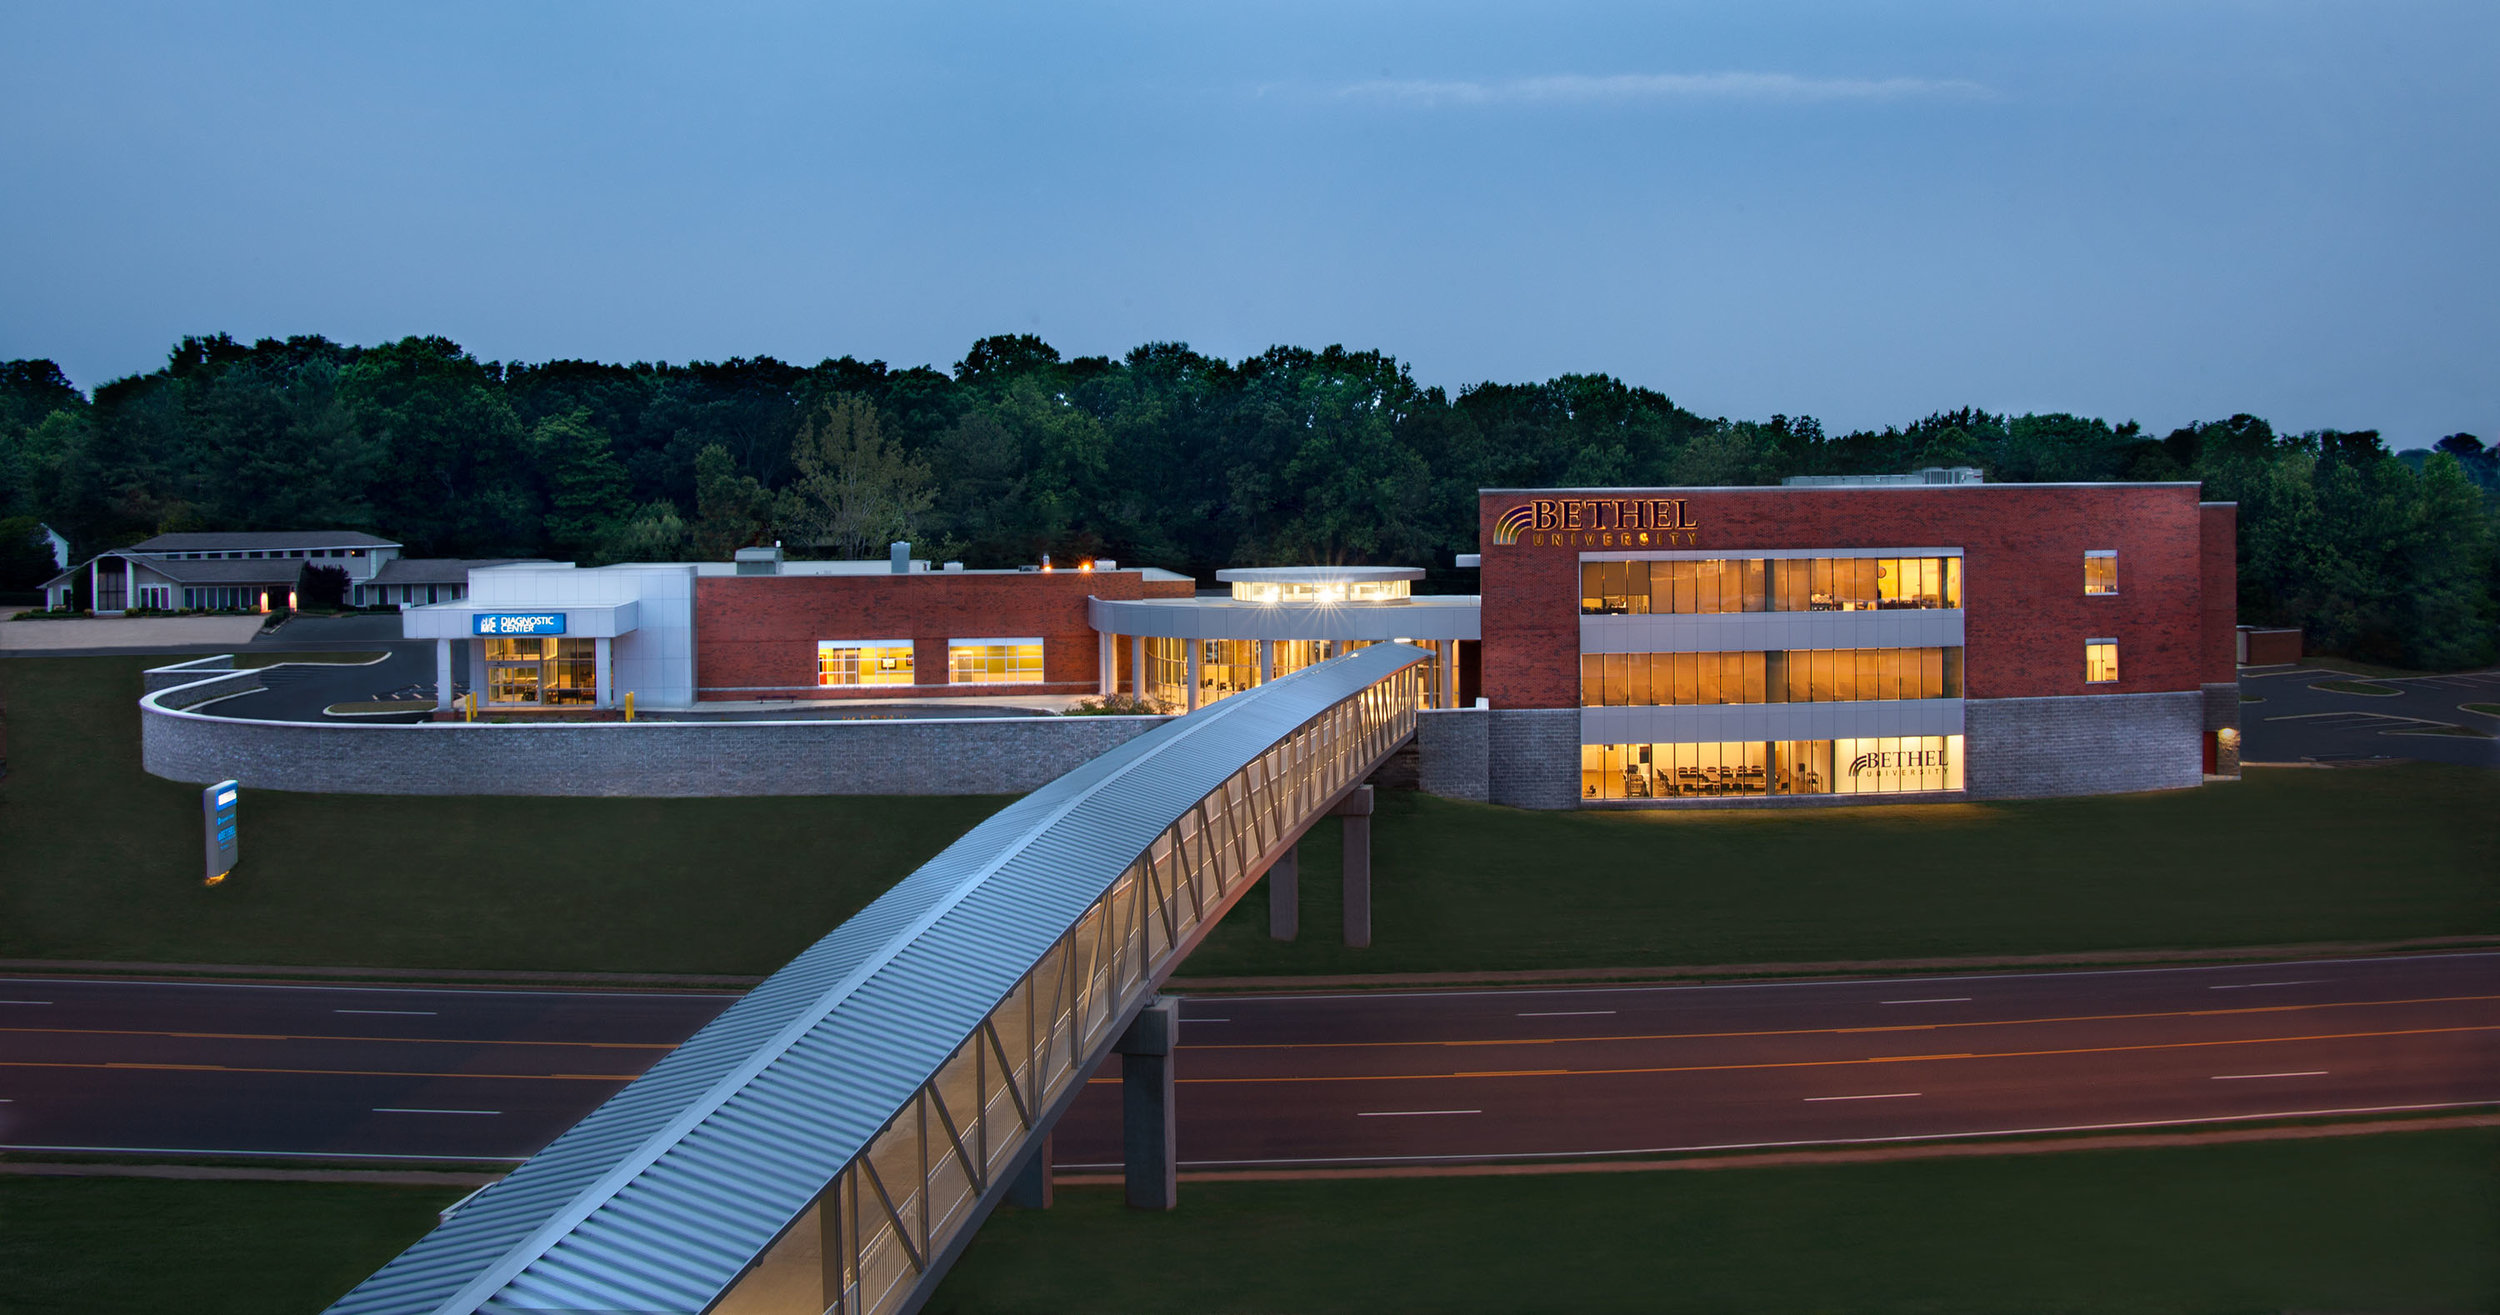 Bethel University Health Science Campus